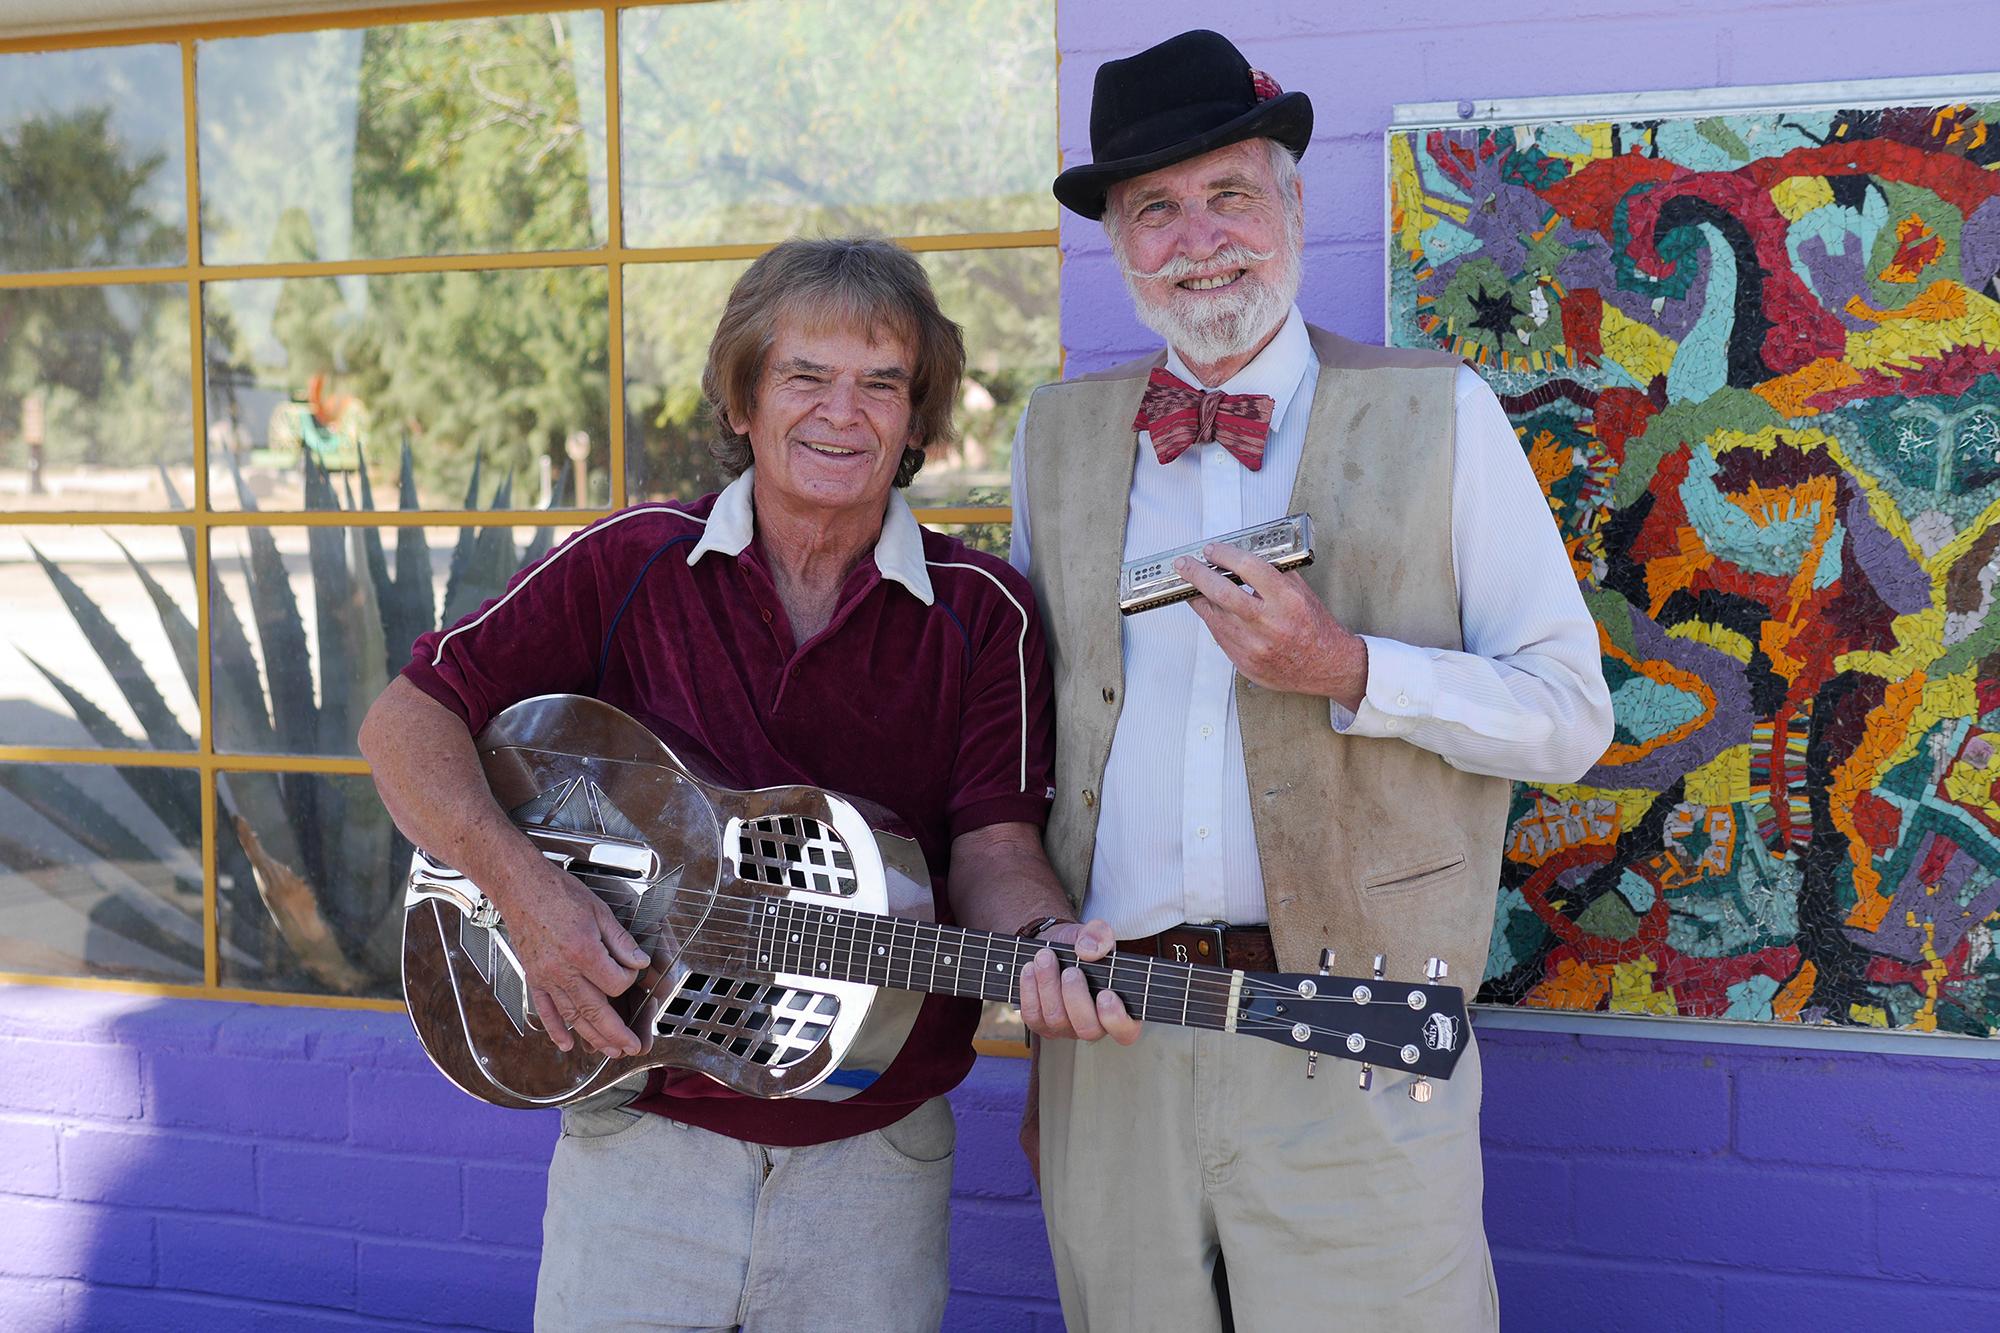 Bill & Bob - Live Music at 29 Palms Inn